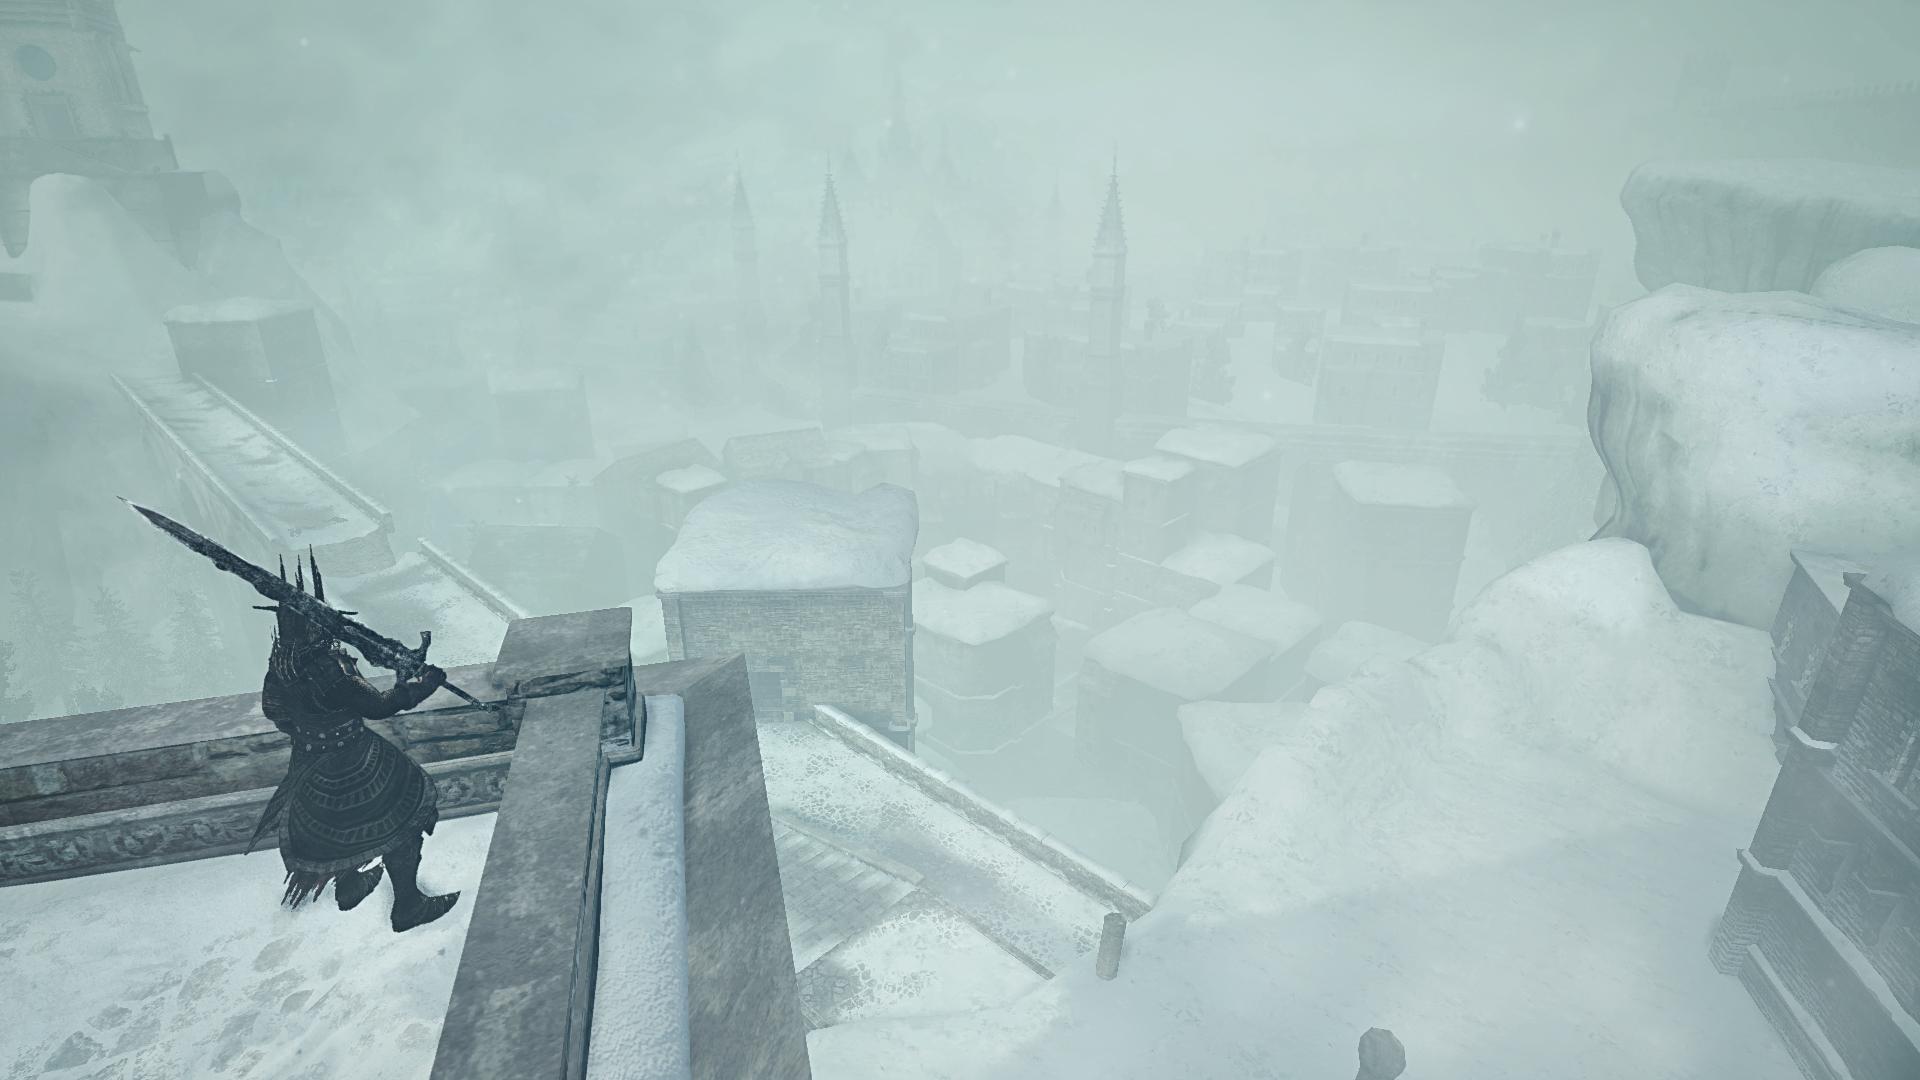 Mráz a vánice ve třetím DLC pro Dark Souls 2 100666